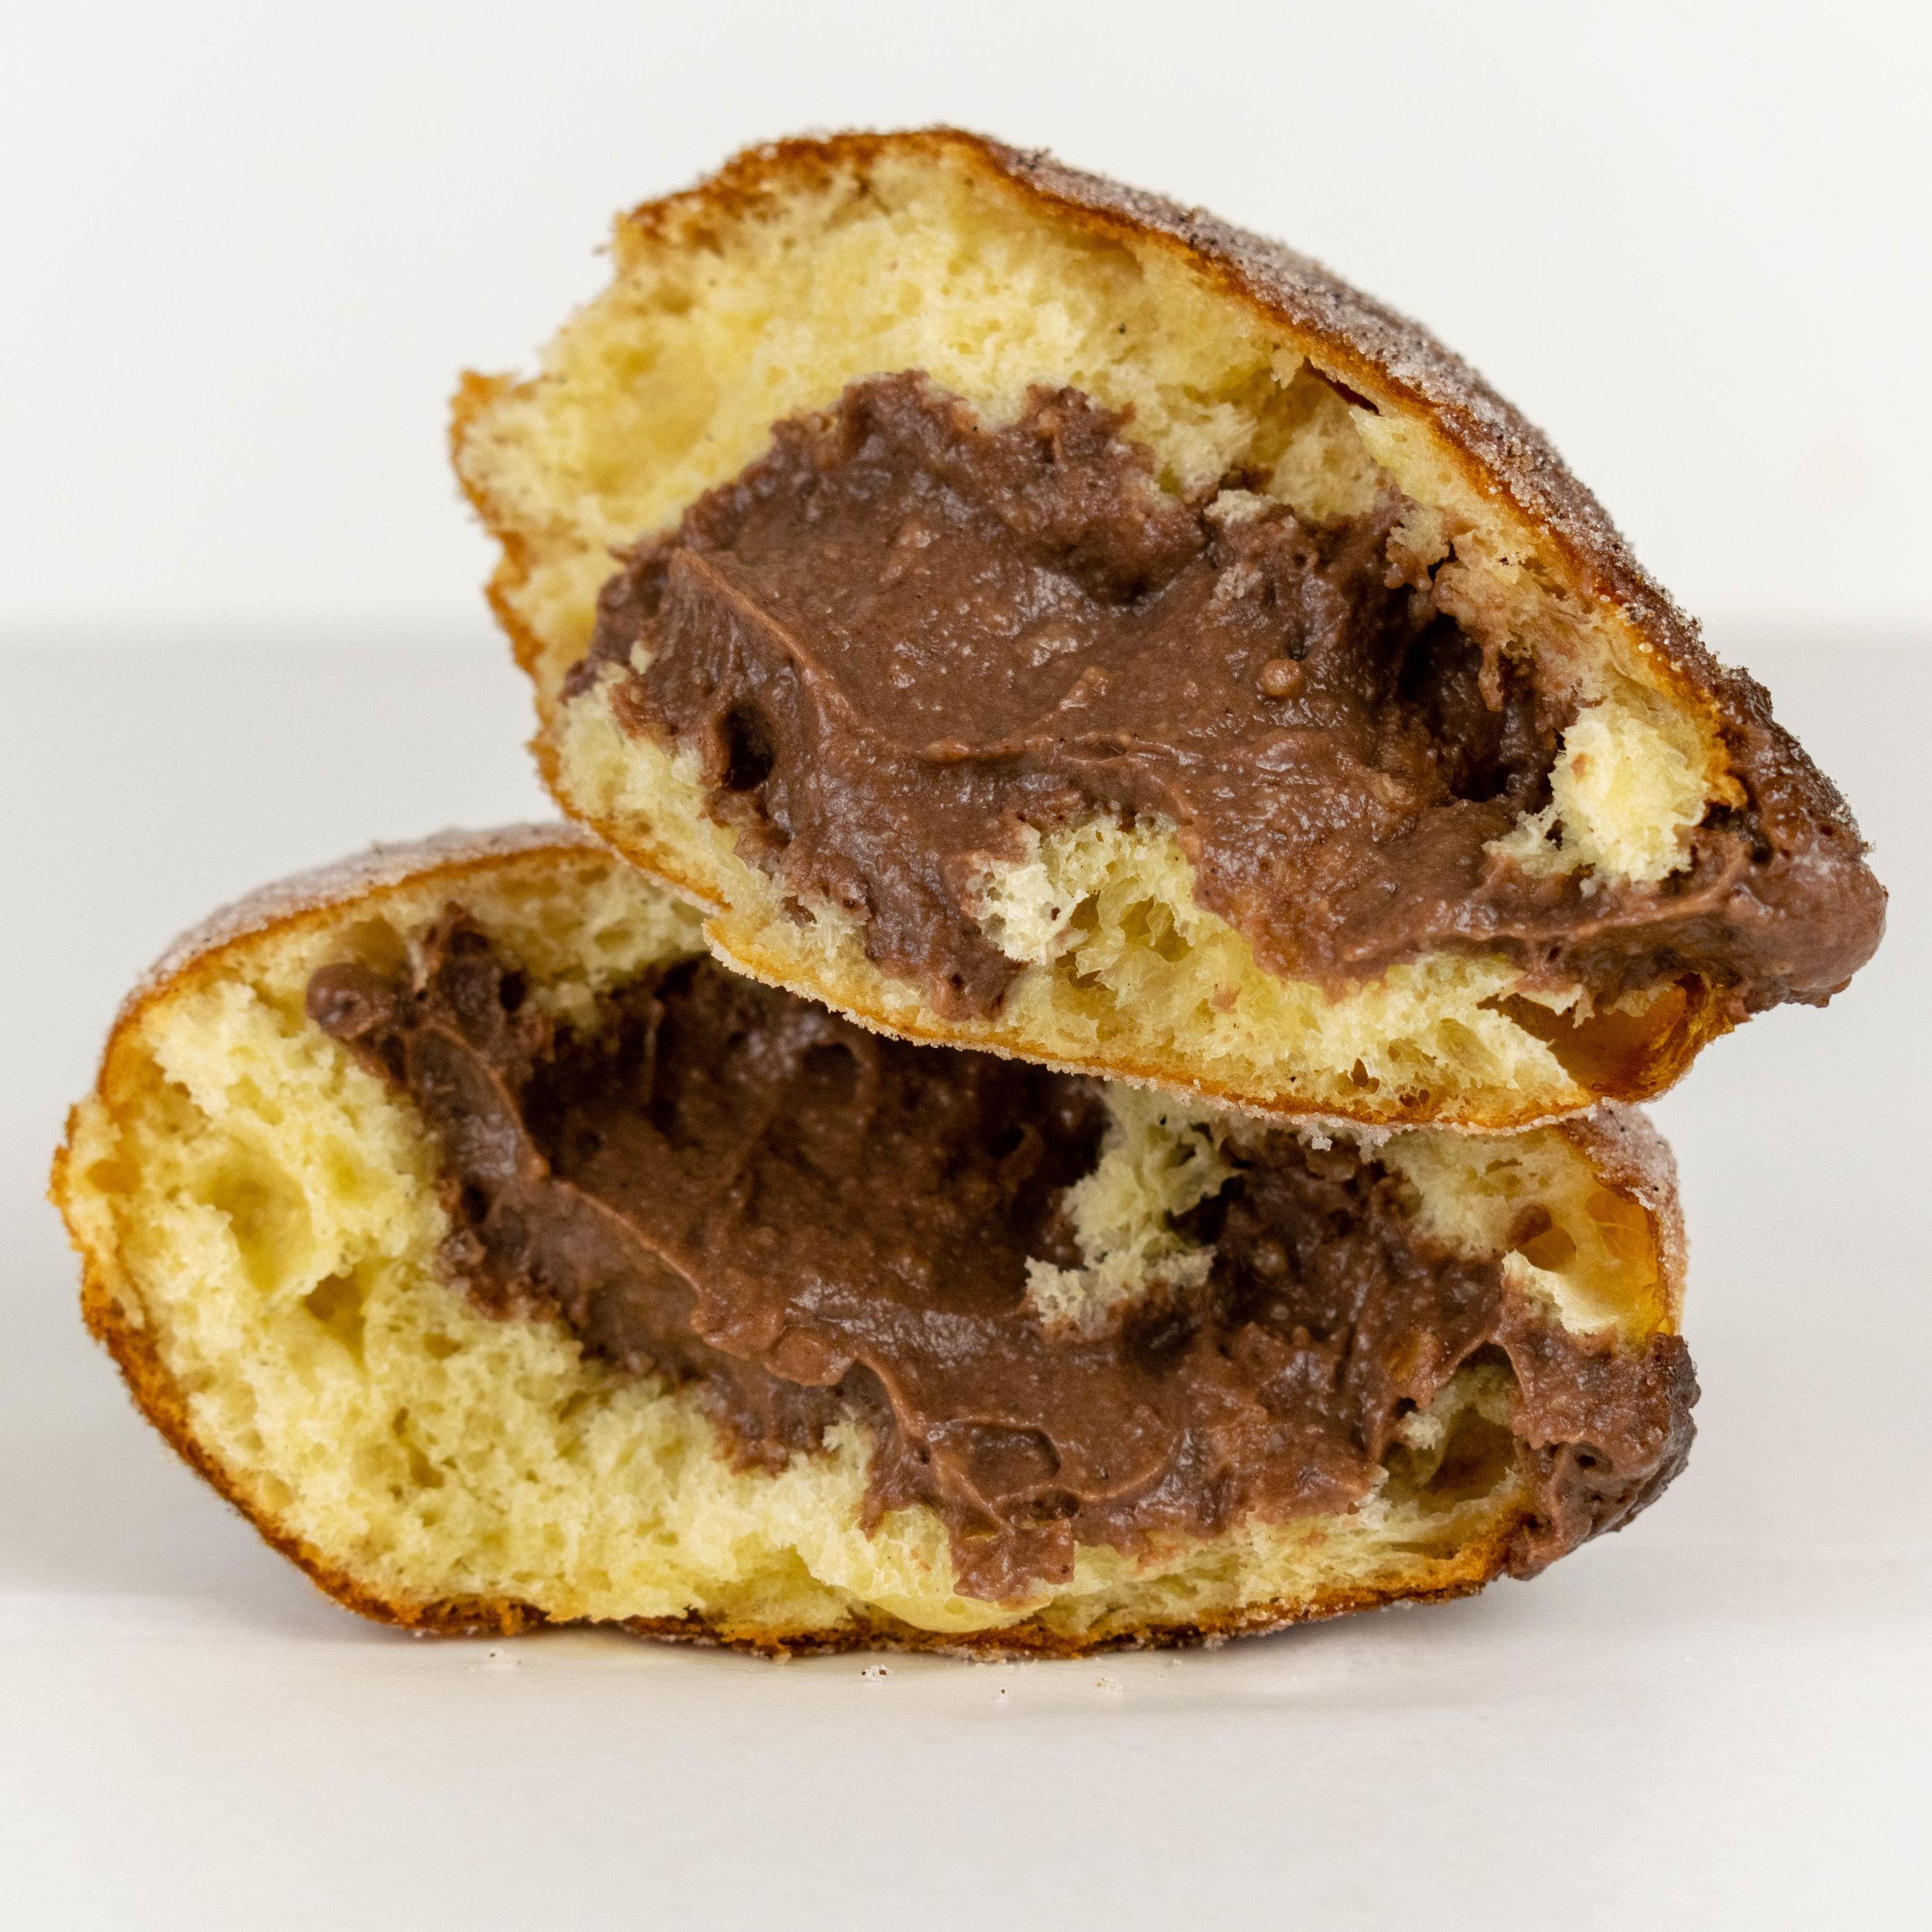 Chocolate Cream.jpg